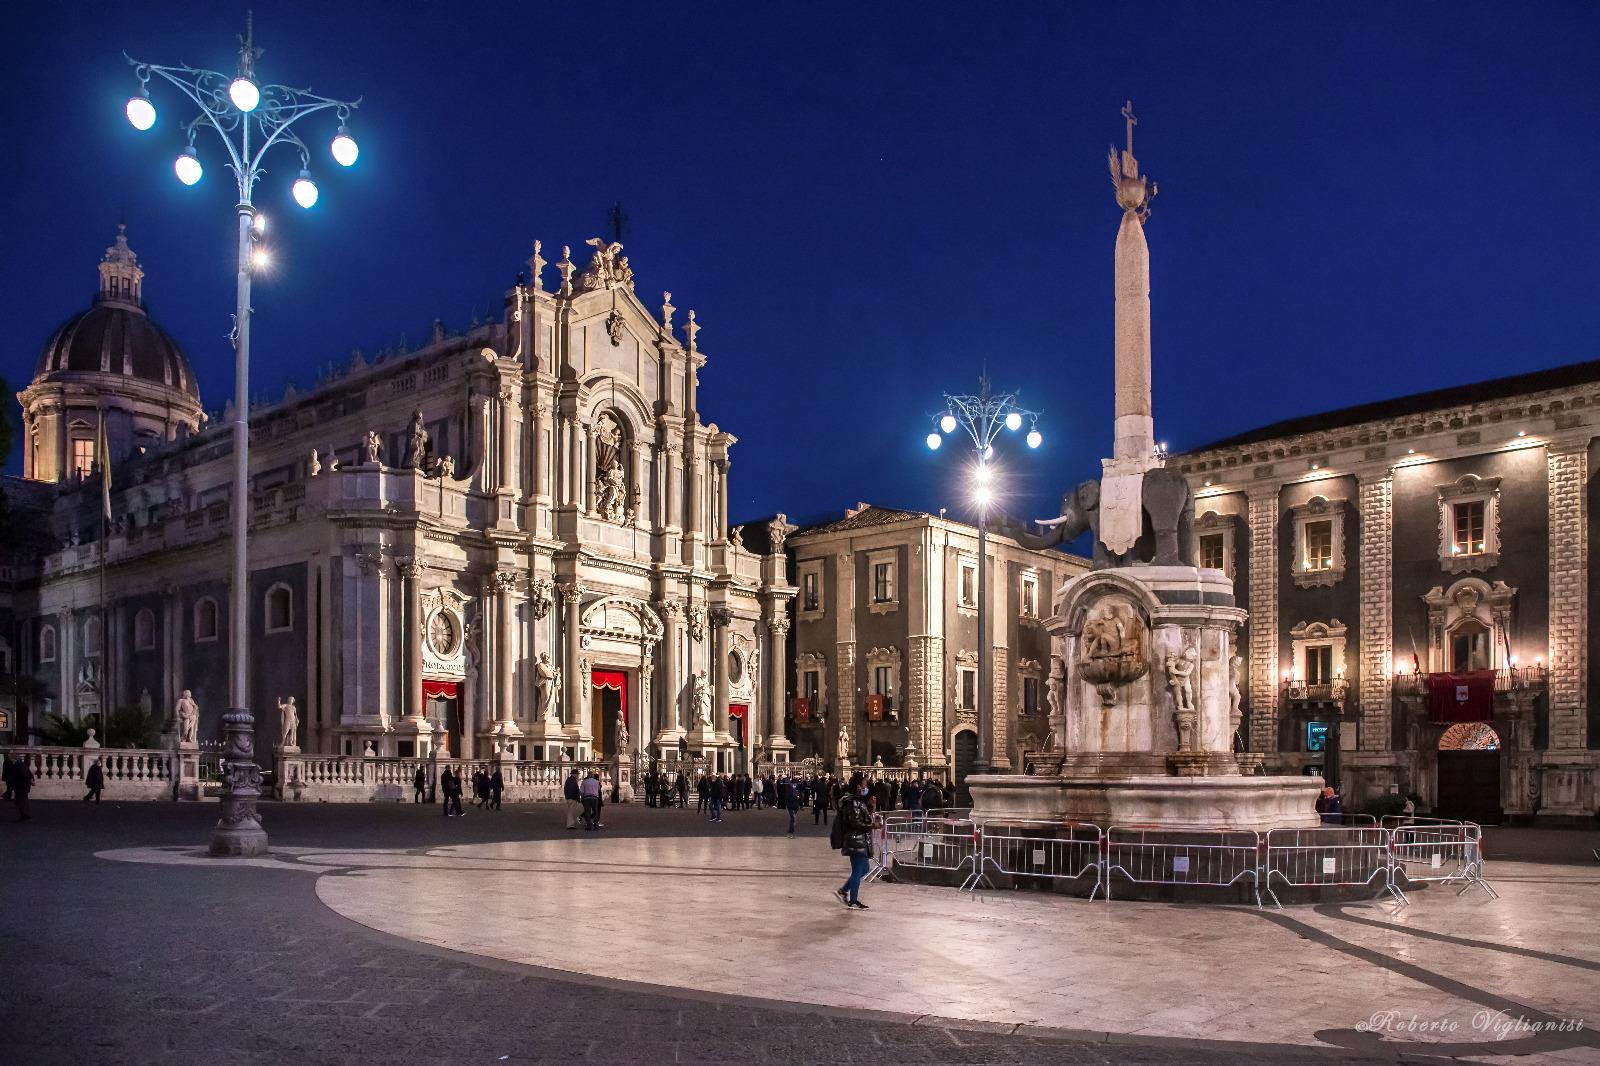 La Cattedrale s'illumina per Sant'Agata